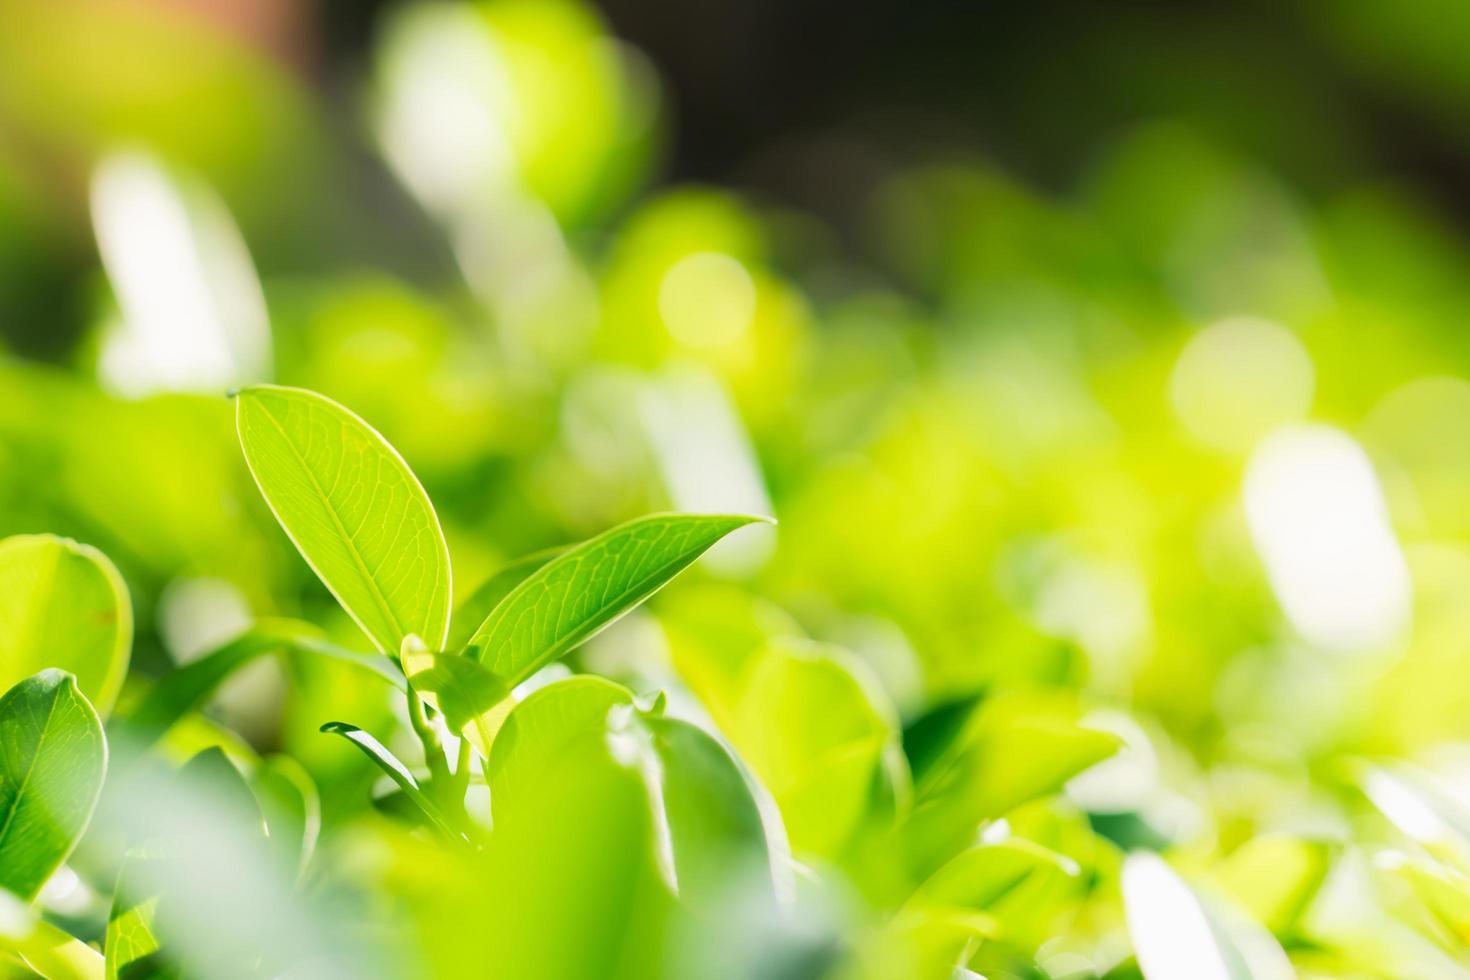 närbild av makrogröna blad foto